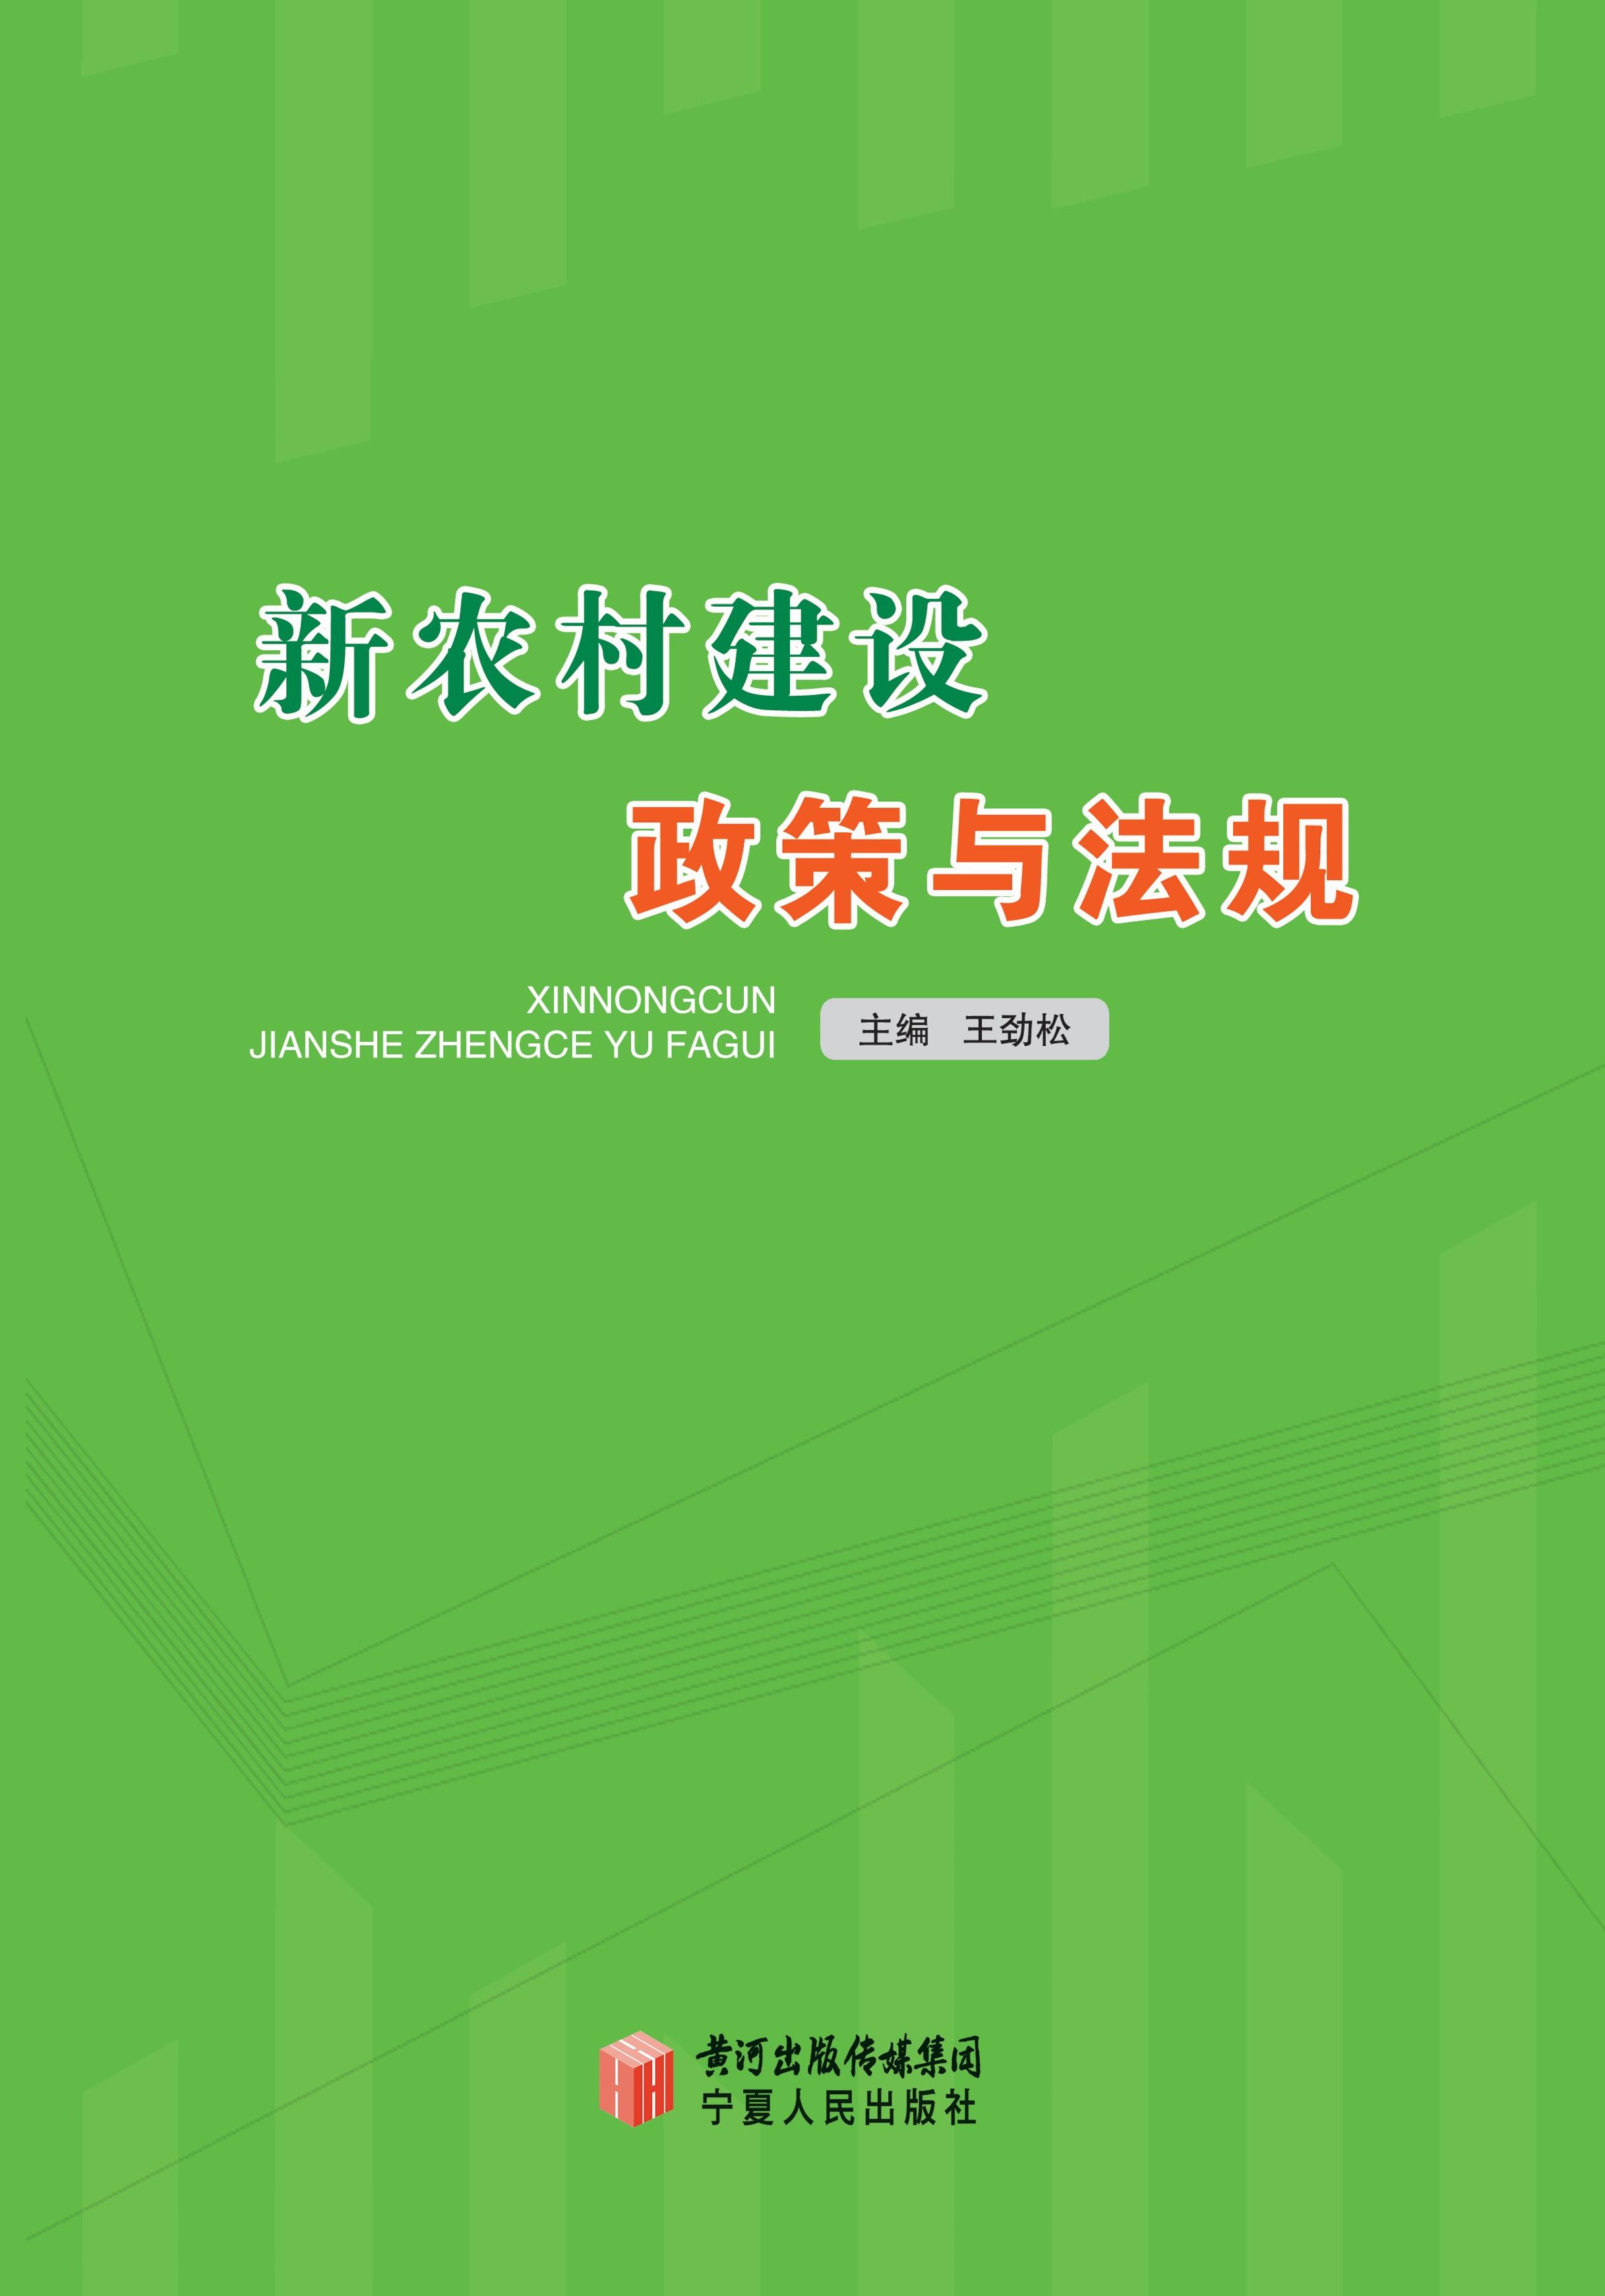 新农村建设政策与法规